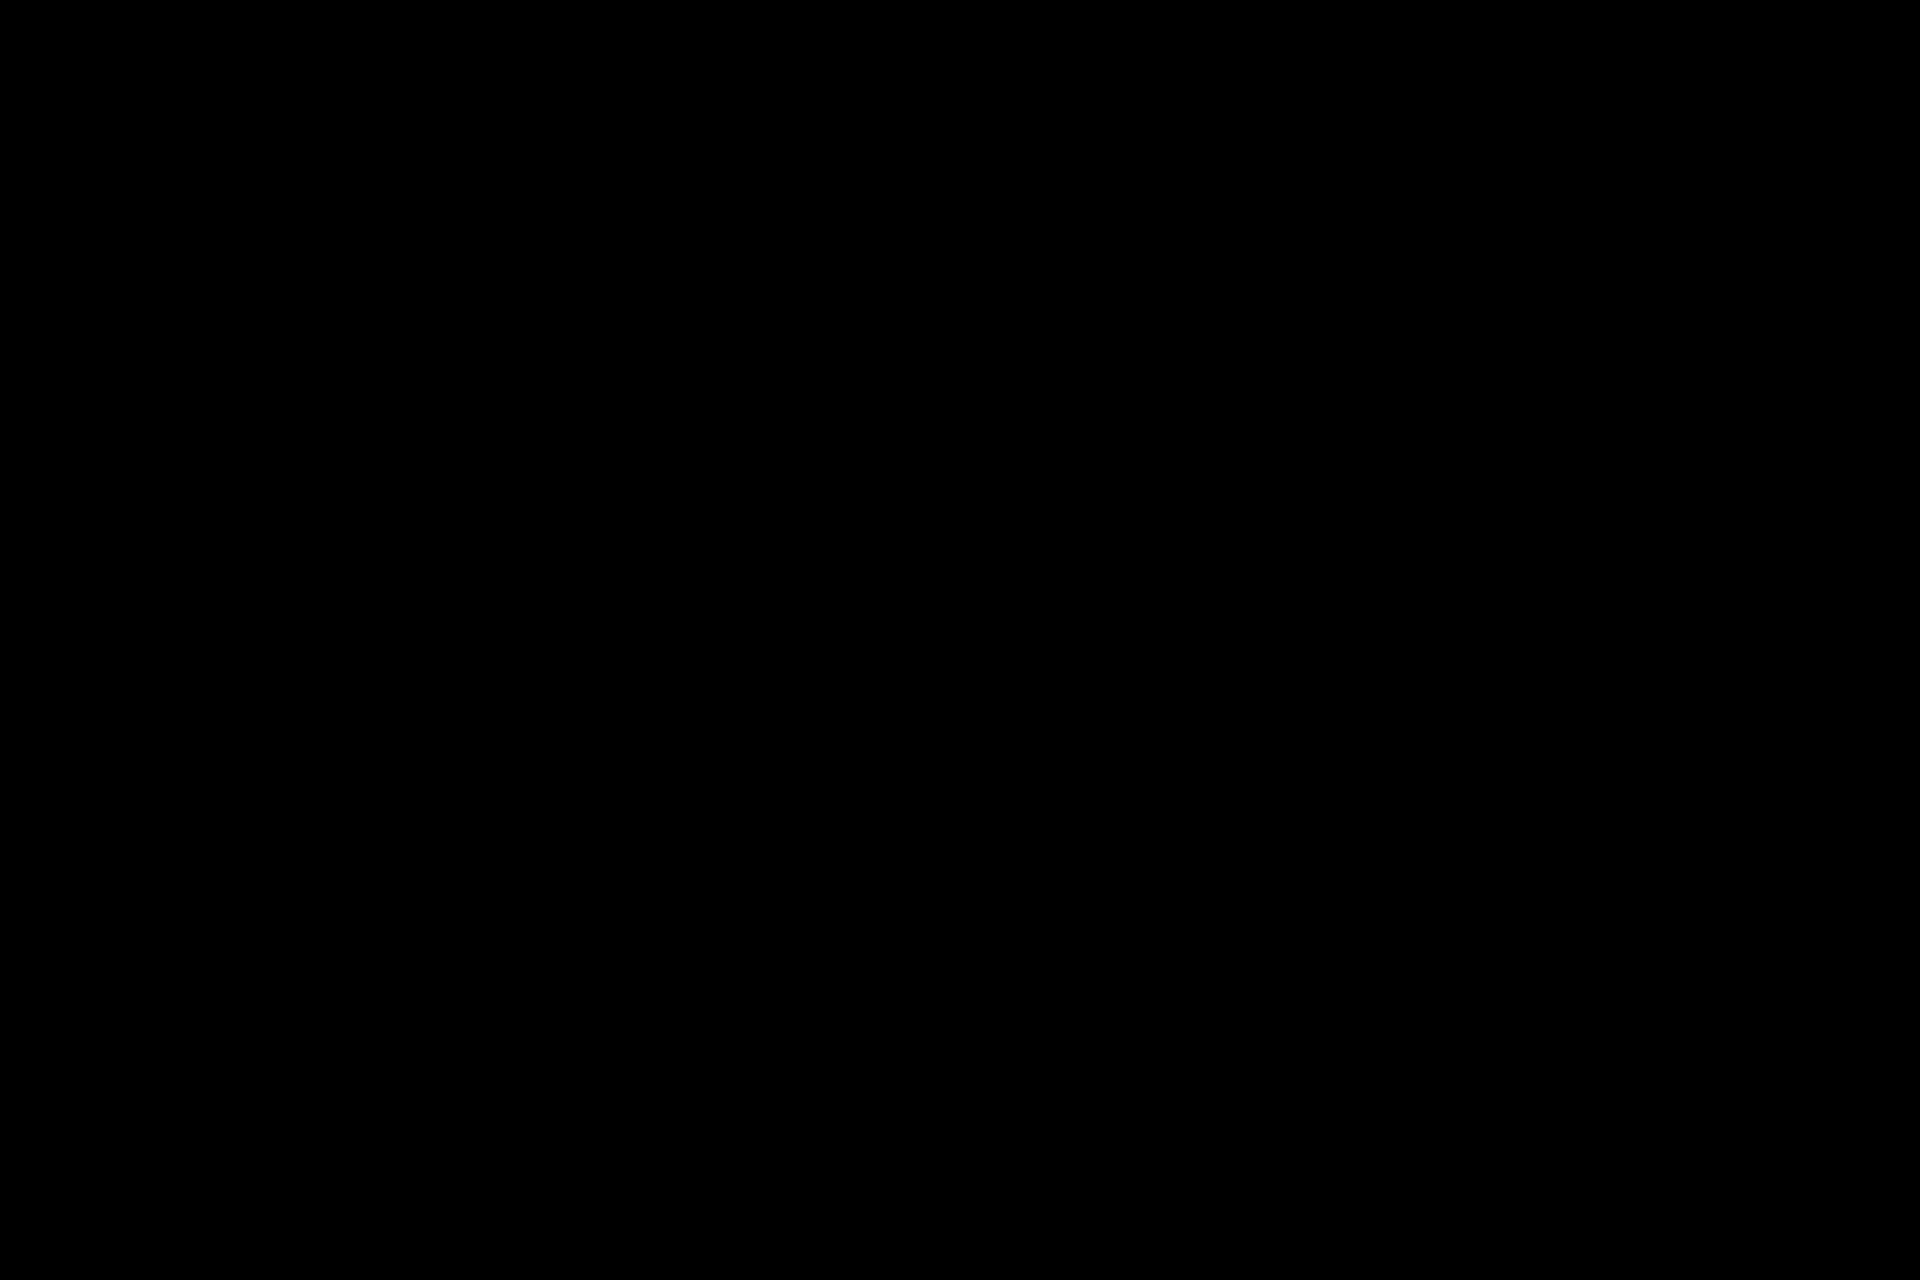 stryker referenz jentner metallveredelung logo farbig